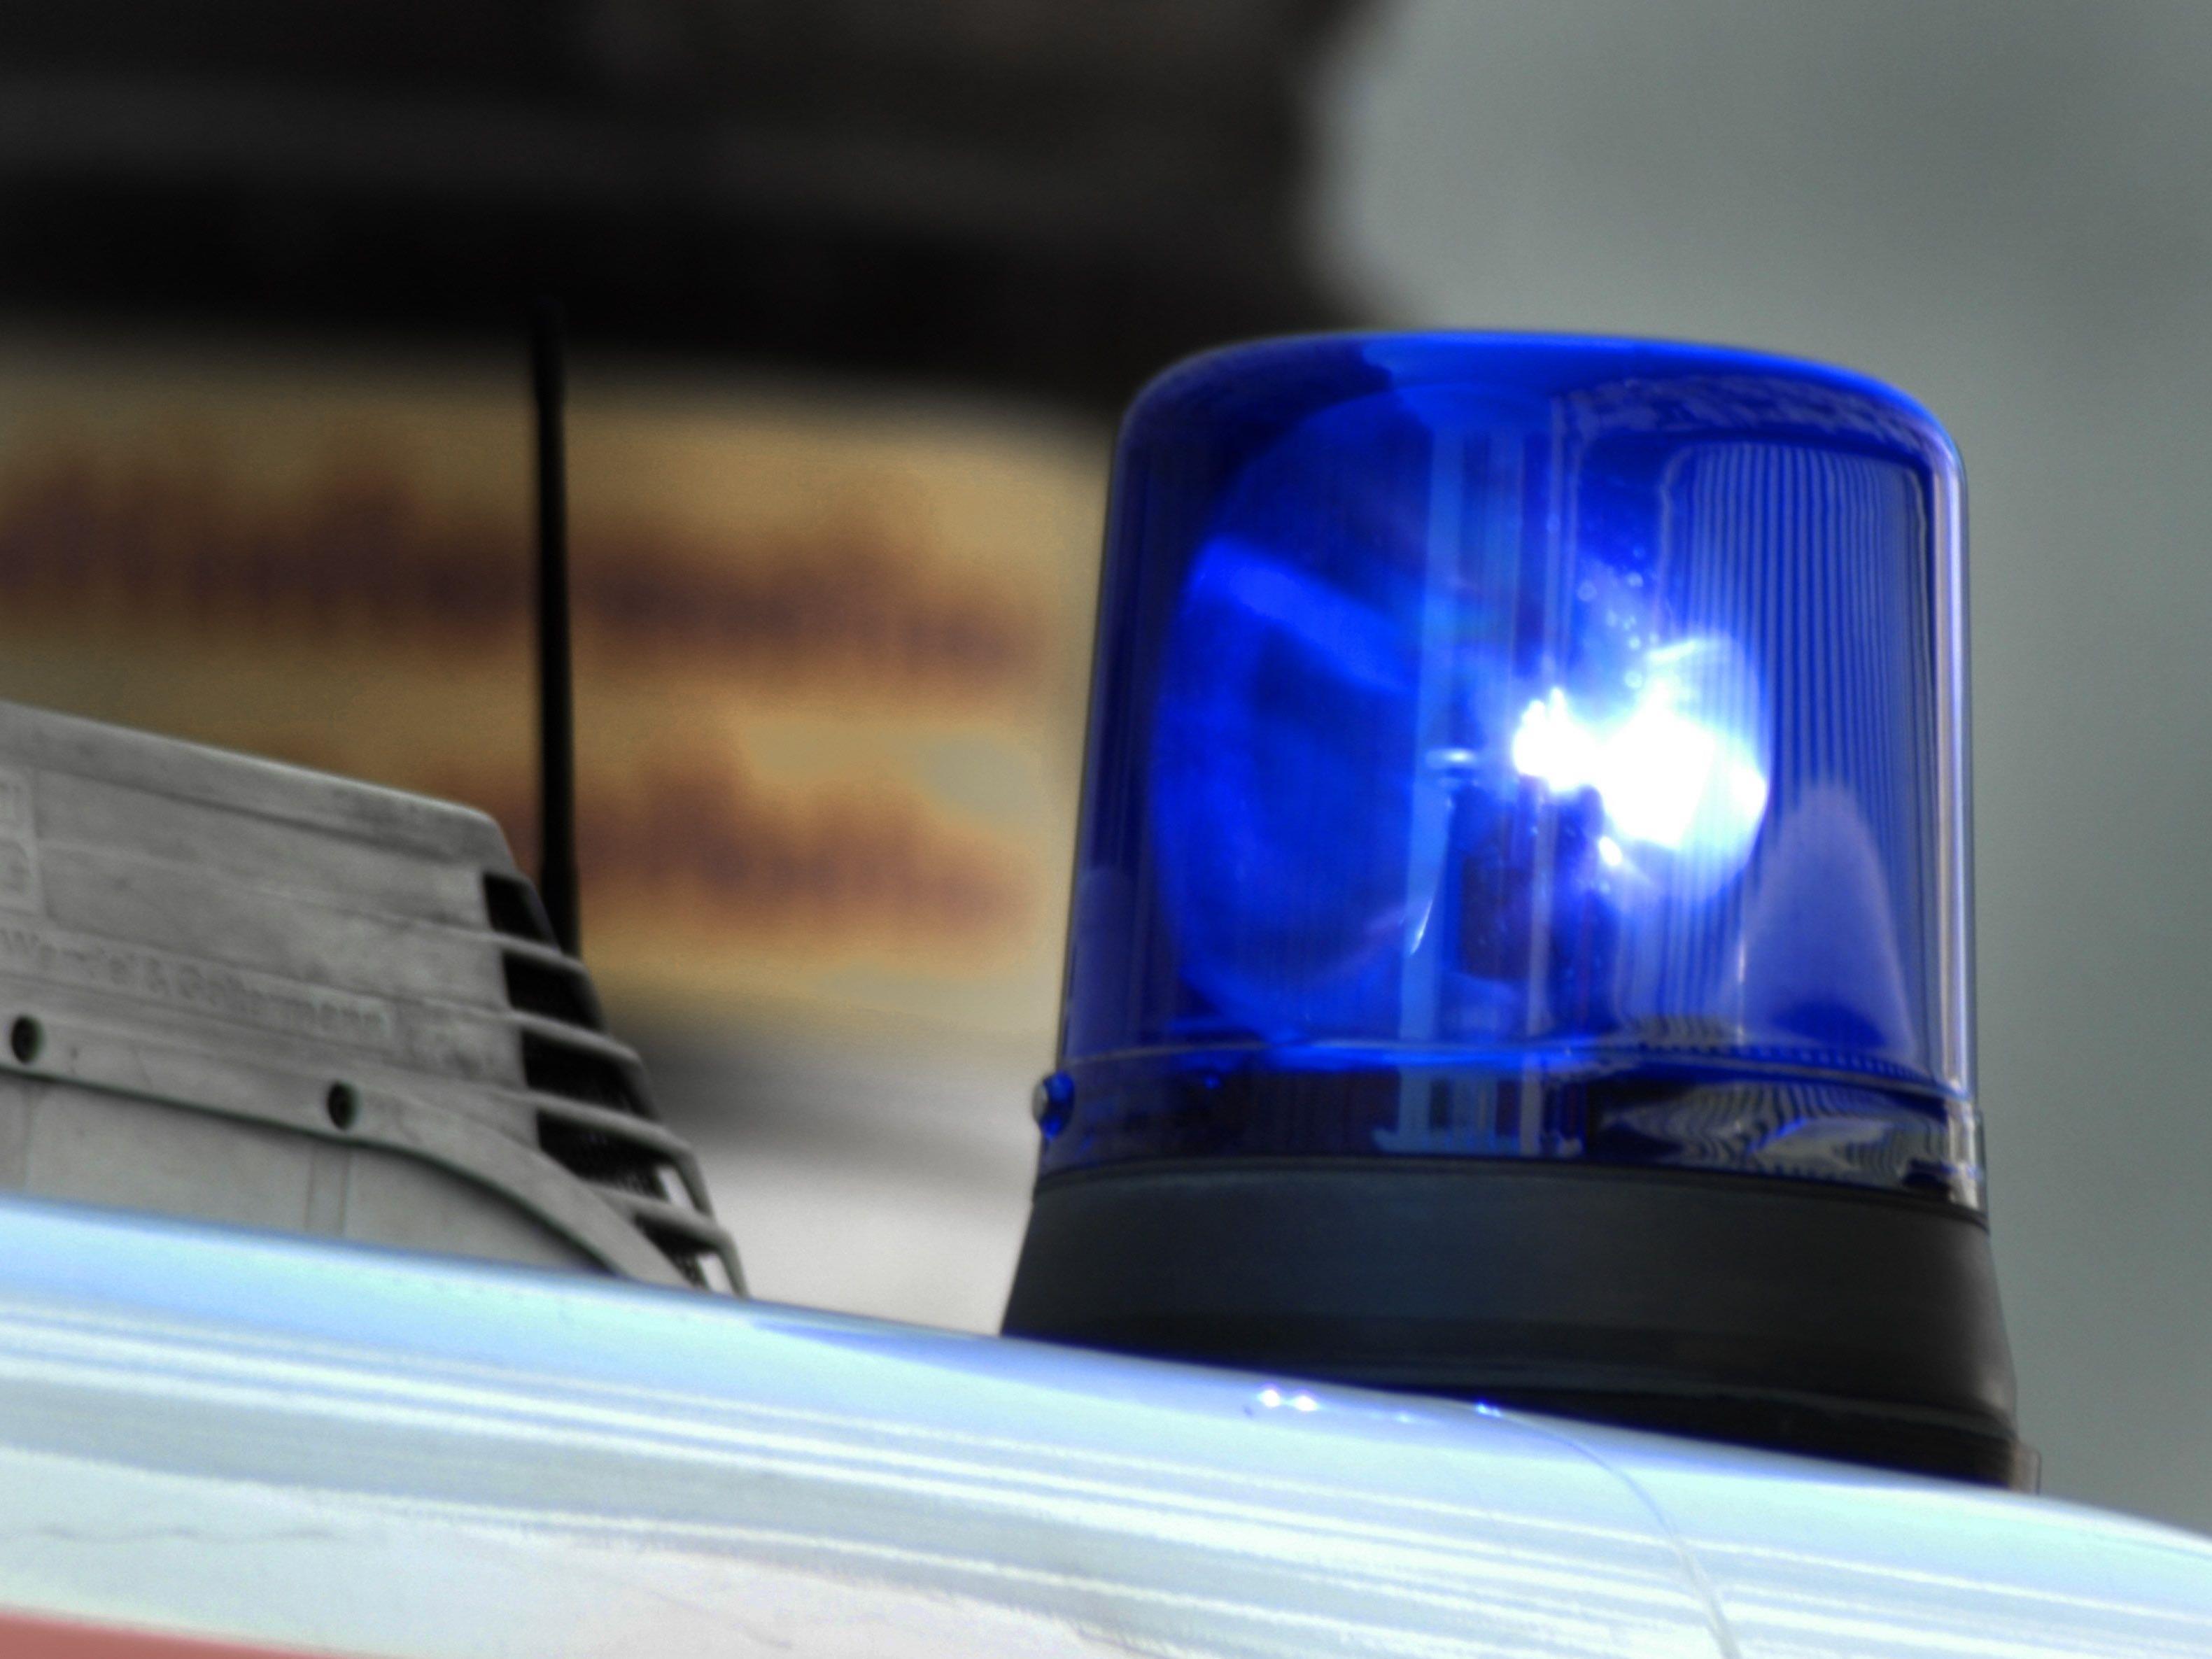 Die gerufenen Polizeibeamten konnten den Mann schließlich wachrütteln und nach Hause zu seiner Lebensgefährtin bringen.